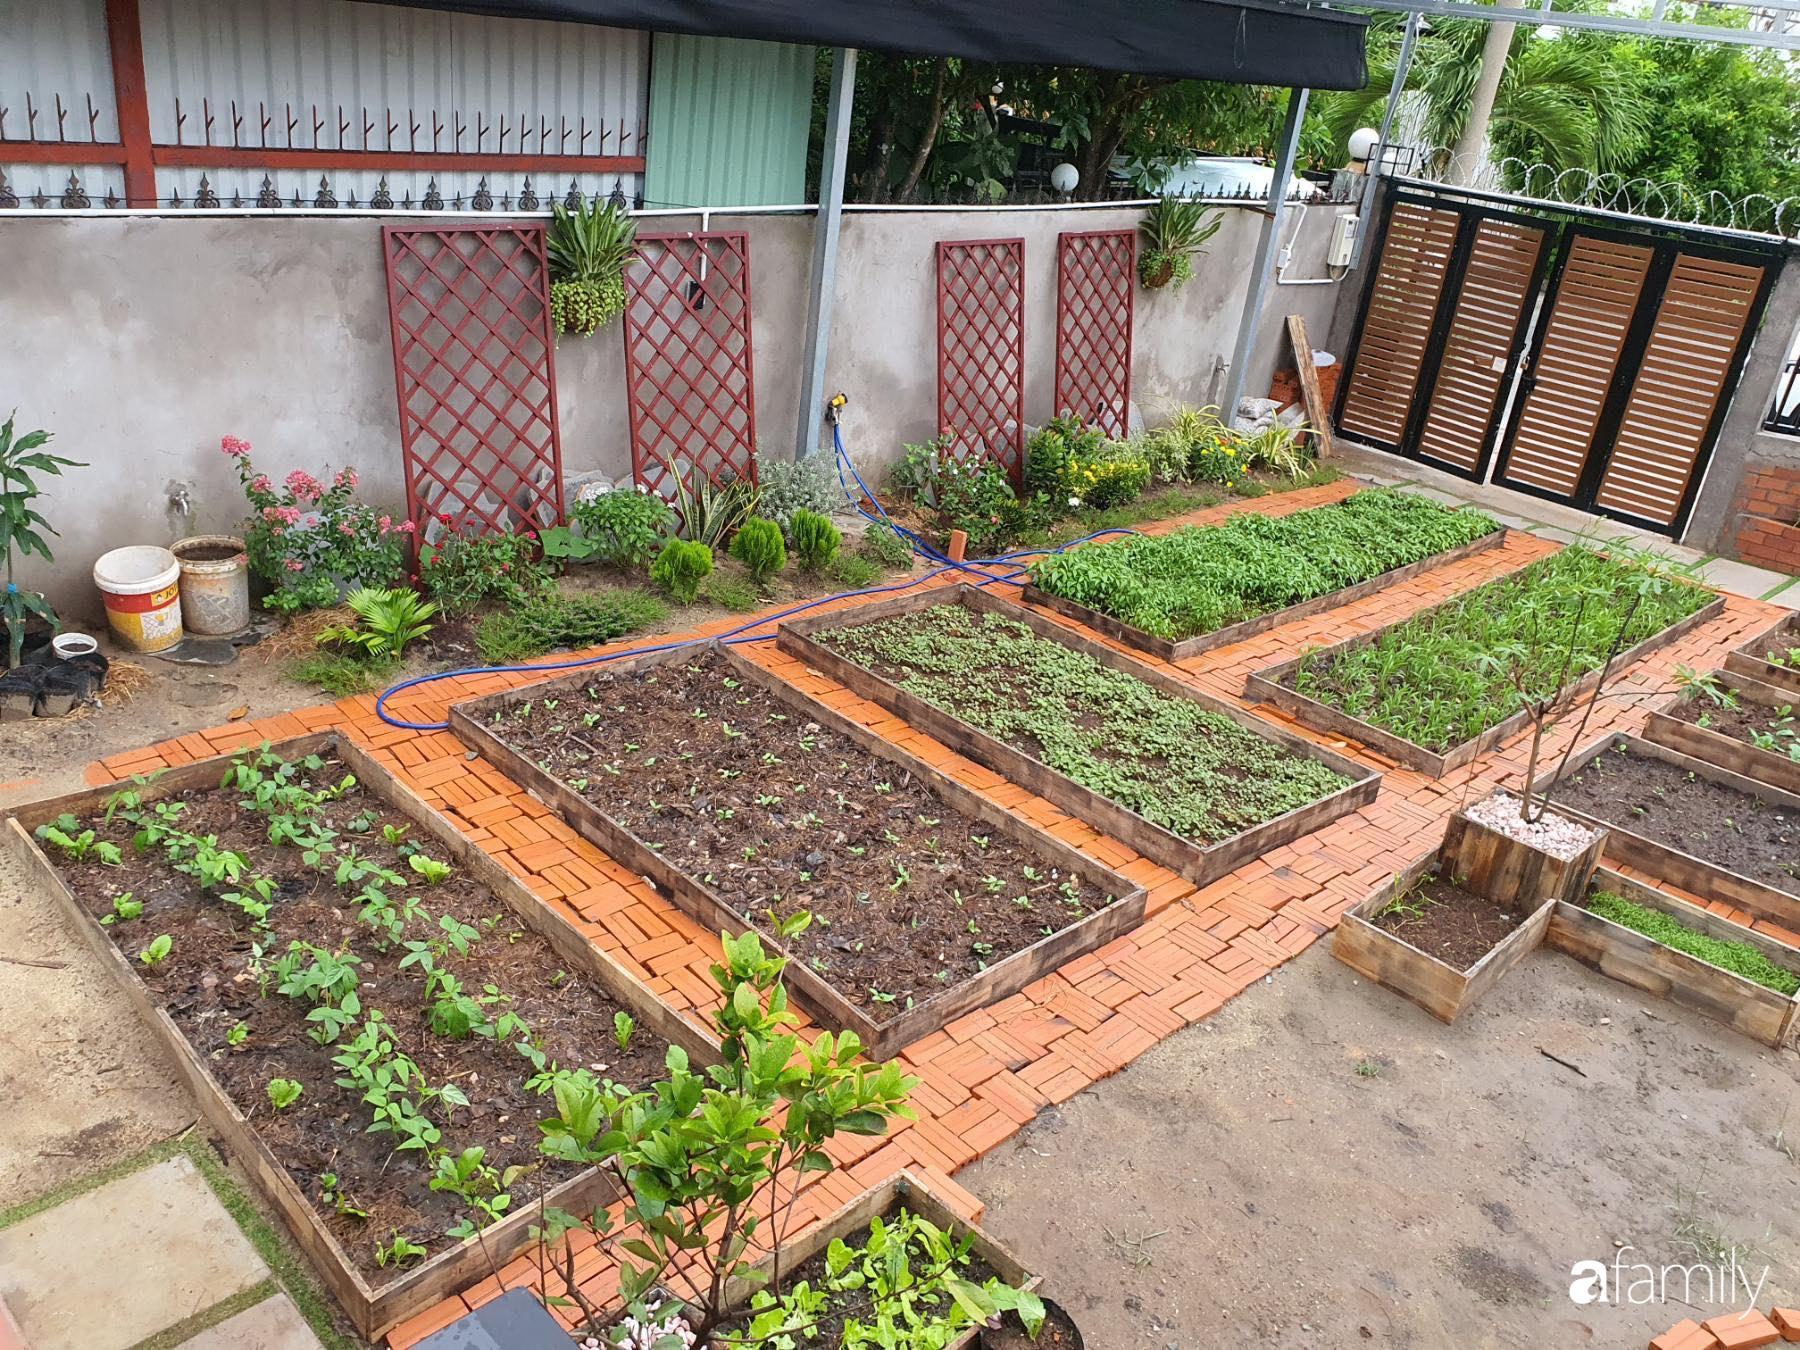 Con gái chi 500 triệu đồng xây nhà vườn container để bố về hưu thỏa mãn đam mê trồng rau ở Sài Gòn - Ảnh 5.